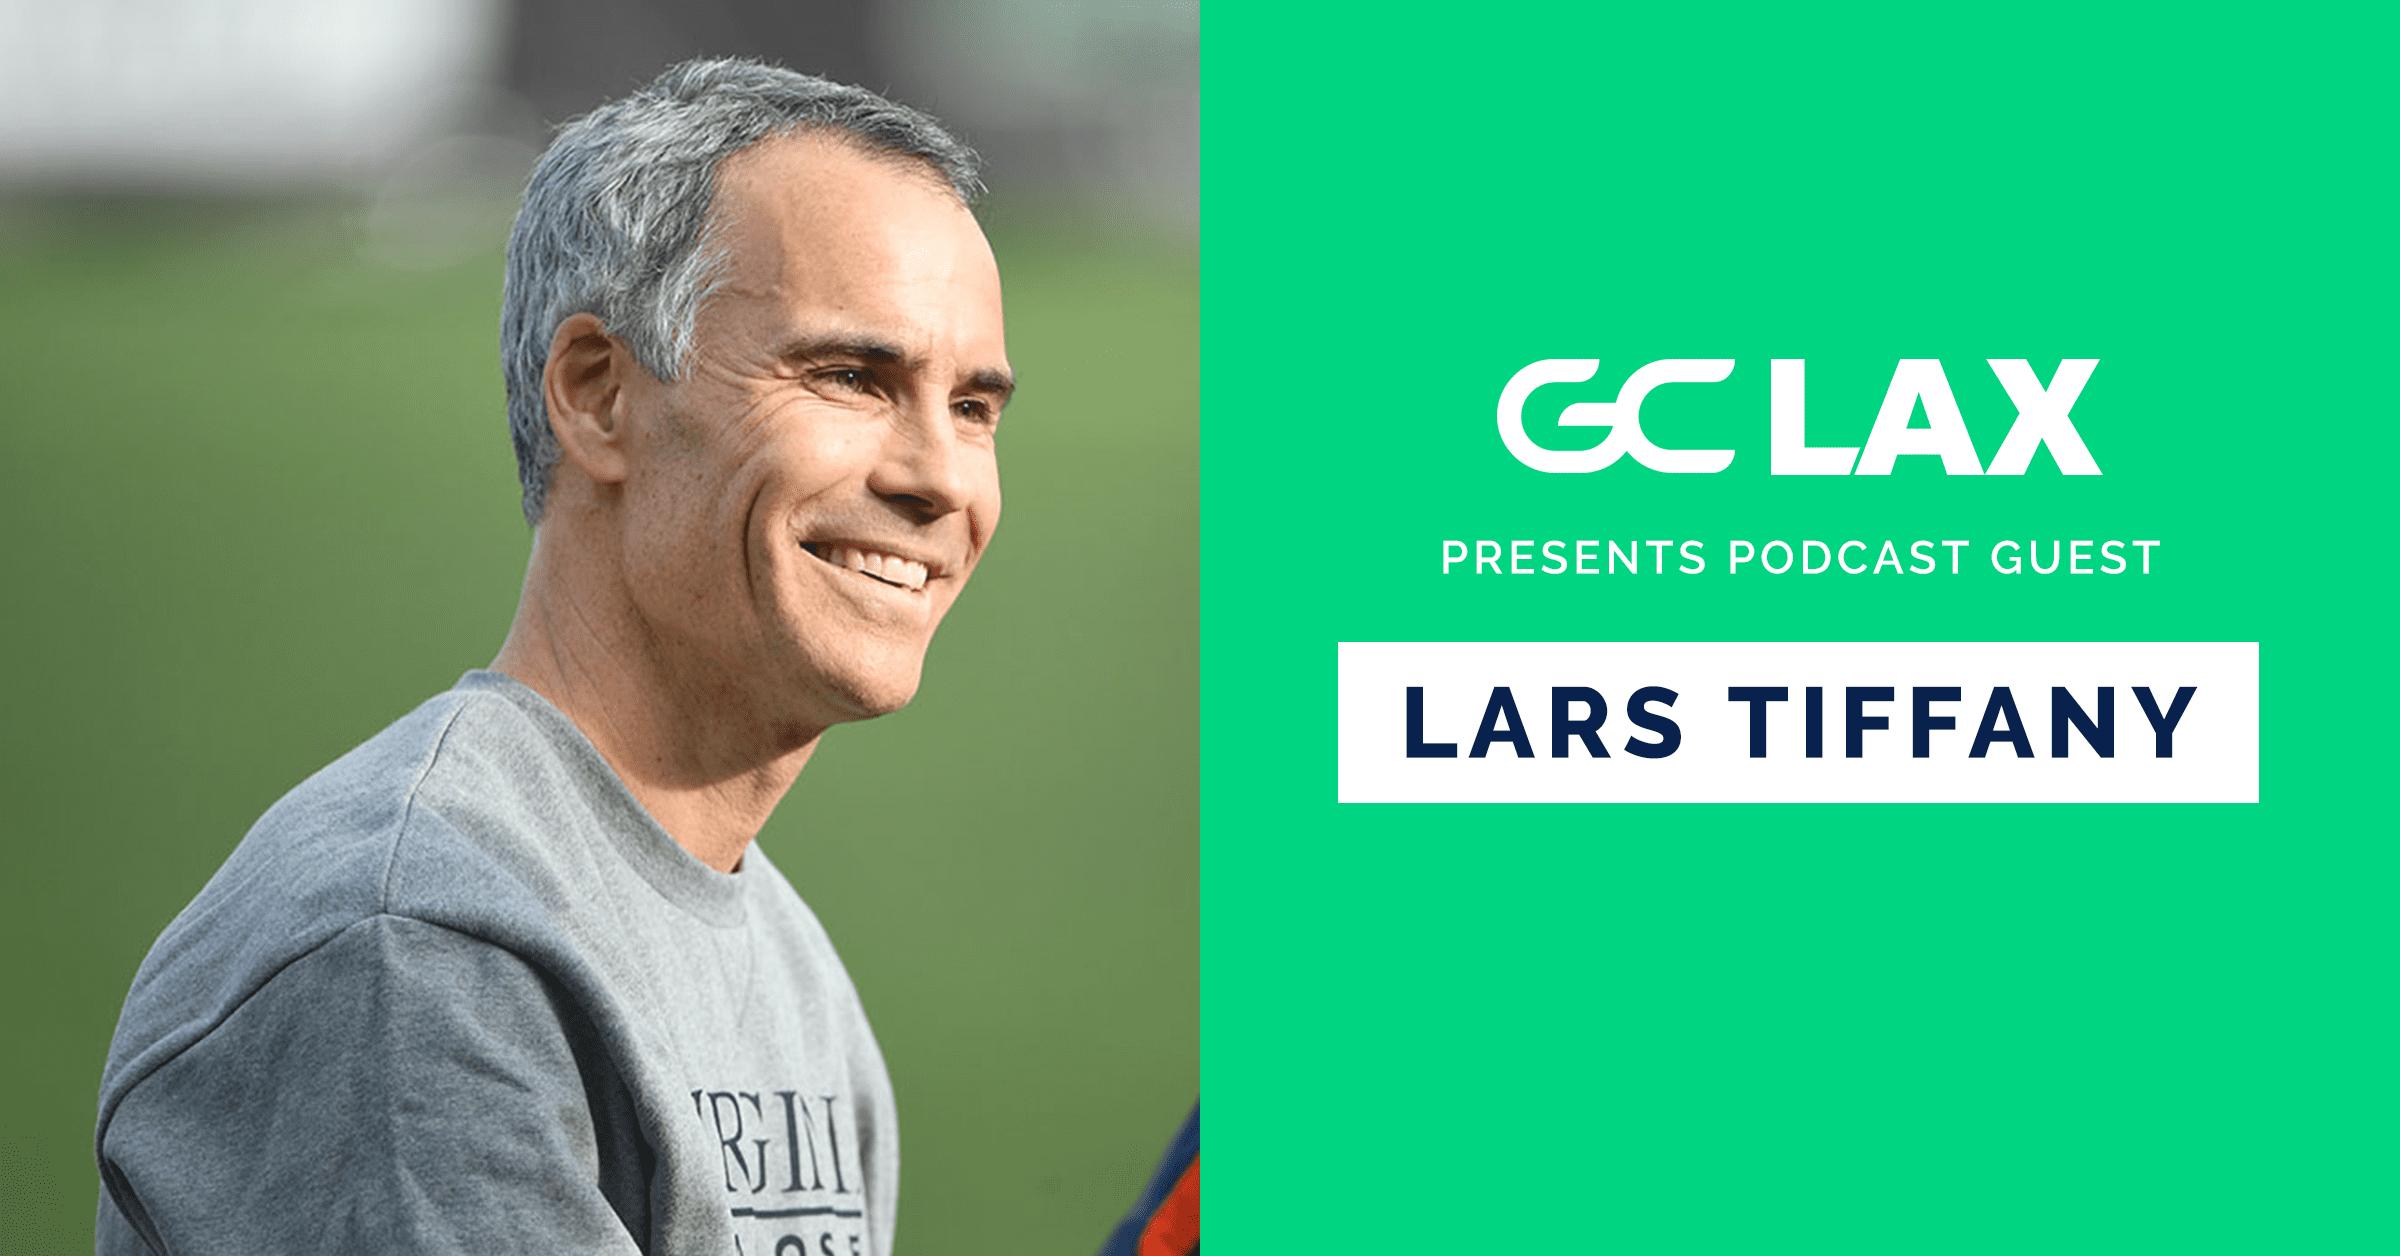 Lars Tiffany - GameChanger Lacrosse Podcast